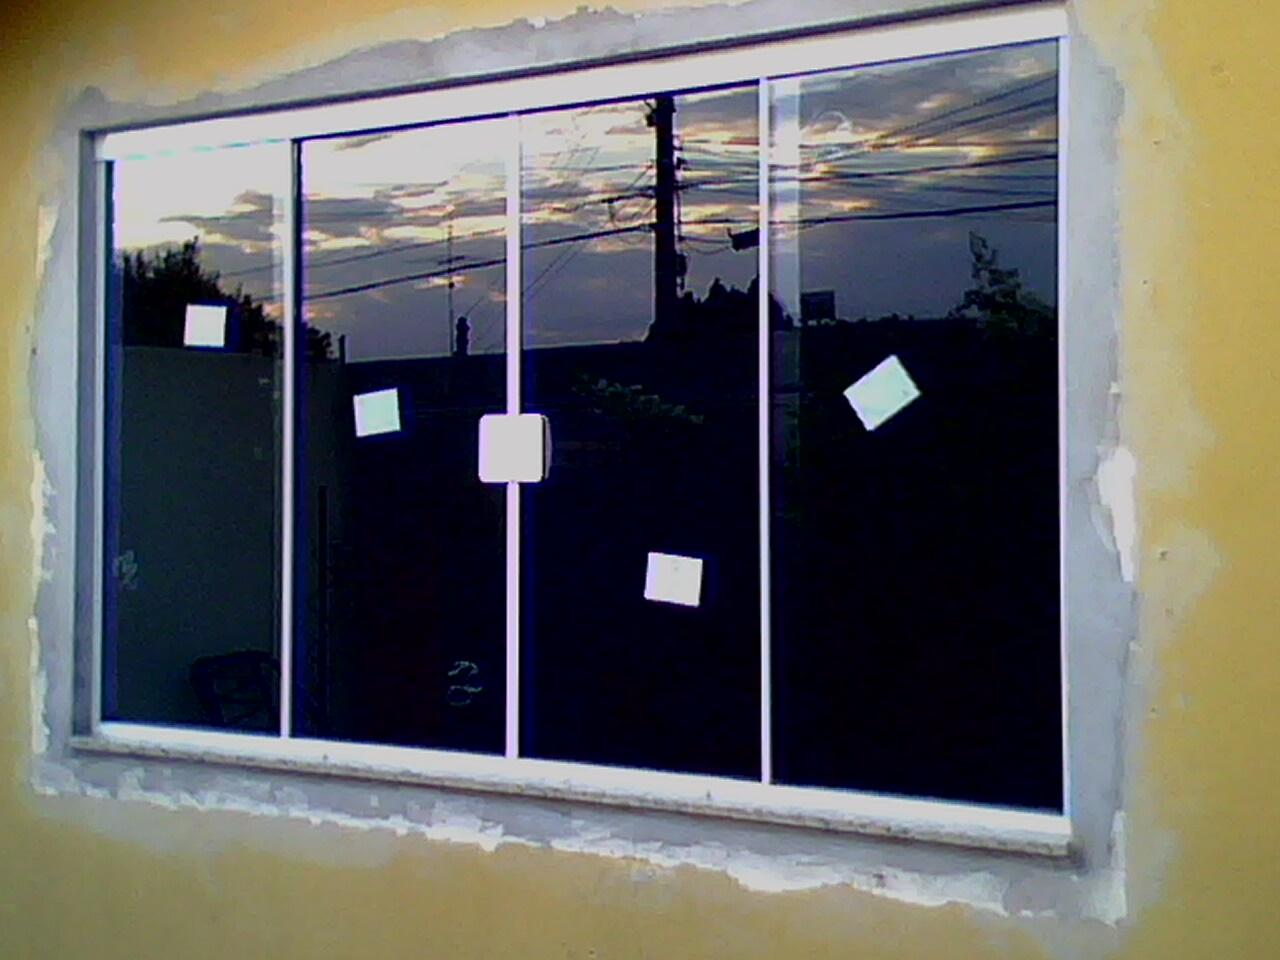 #060719 FRANCO VIDROS TEMPERADOS: Obra em Ourinhos 4206 Instalação Janela Aluminio